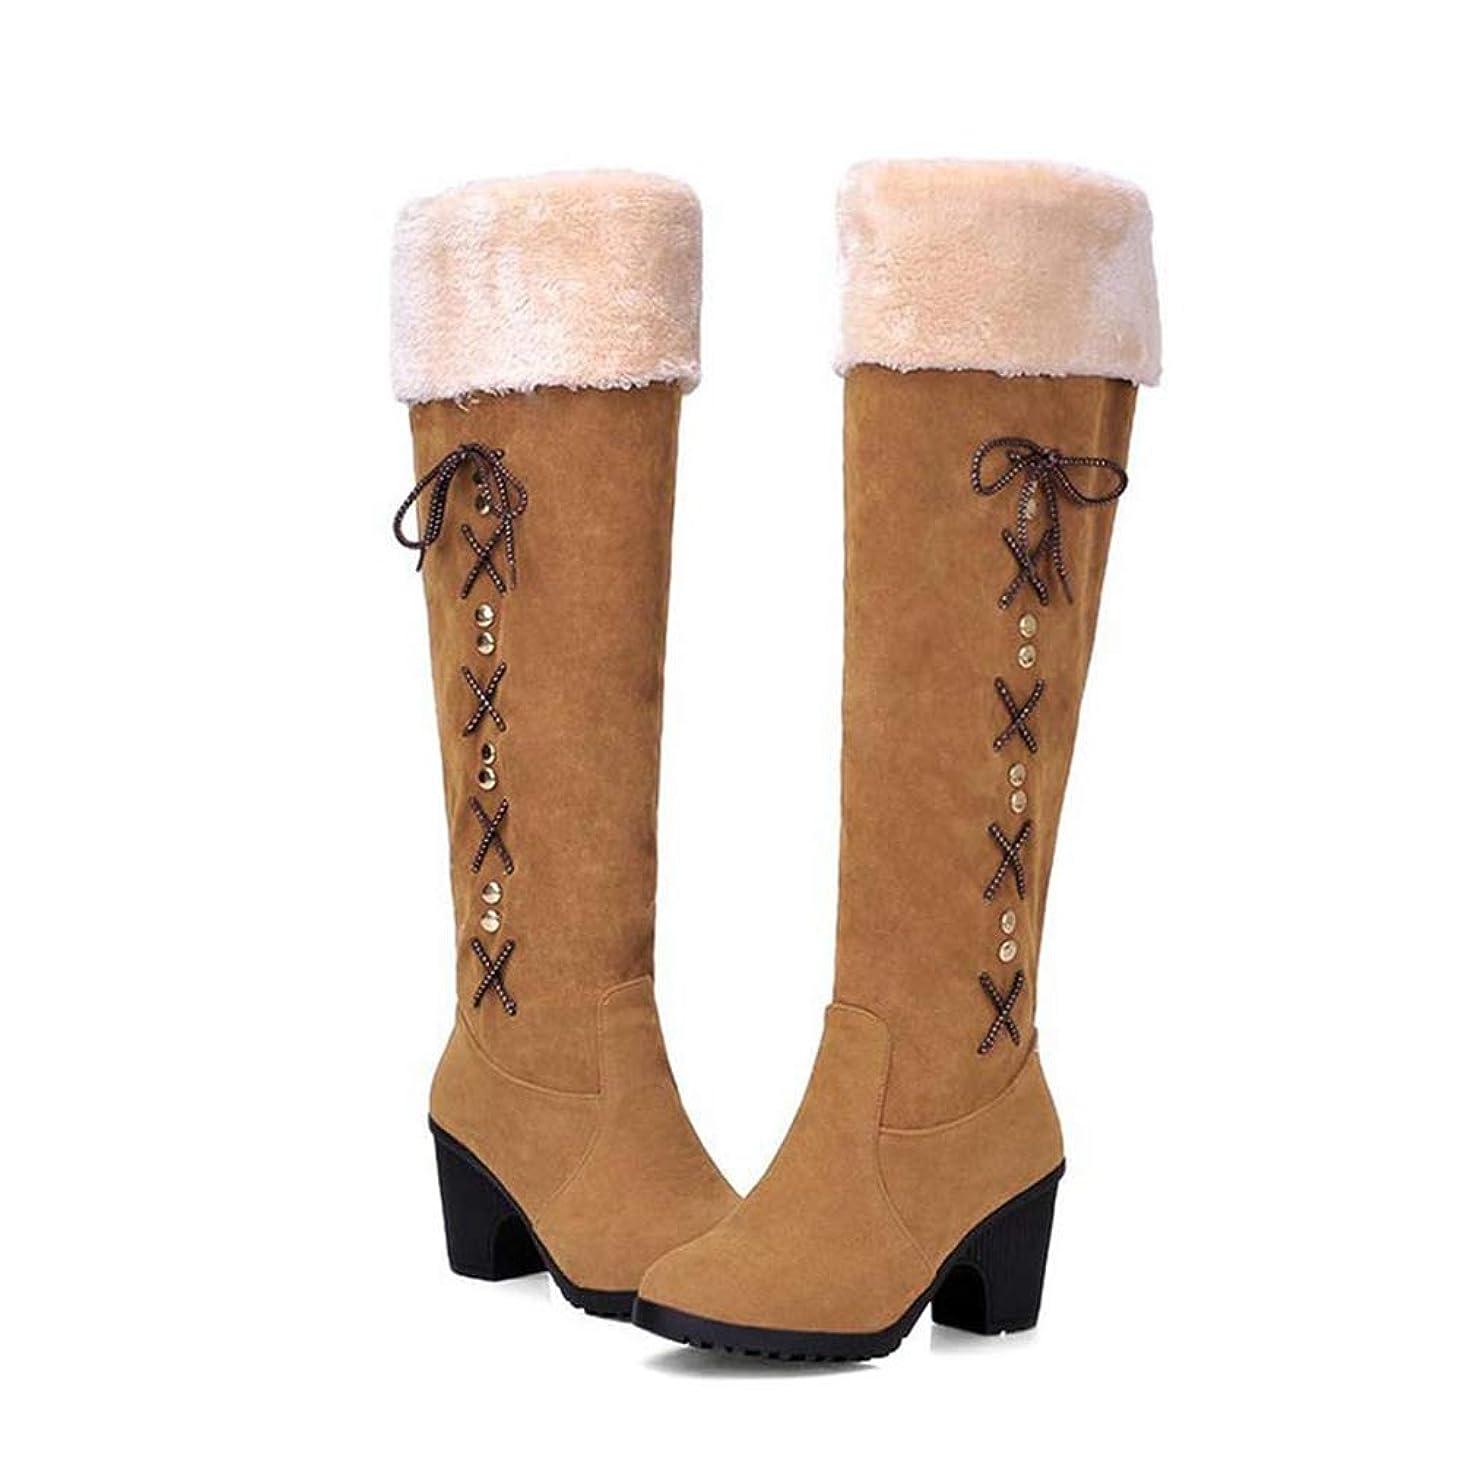 開始小康マッシュ[モリケイ] ロングブーツ ブーツ レディース チャンキーヒール 大きいサイズ 22.0cm~26.5cm リボン スエード ボア付き 温かい 可愛い オシャレ フェミニン 安定 滑り止め クリスマス 秋冬 コスプレ